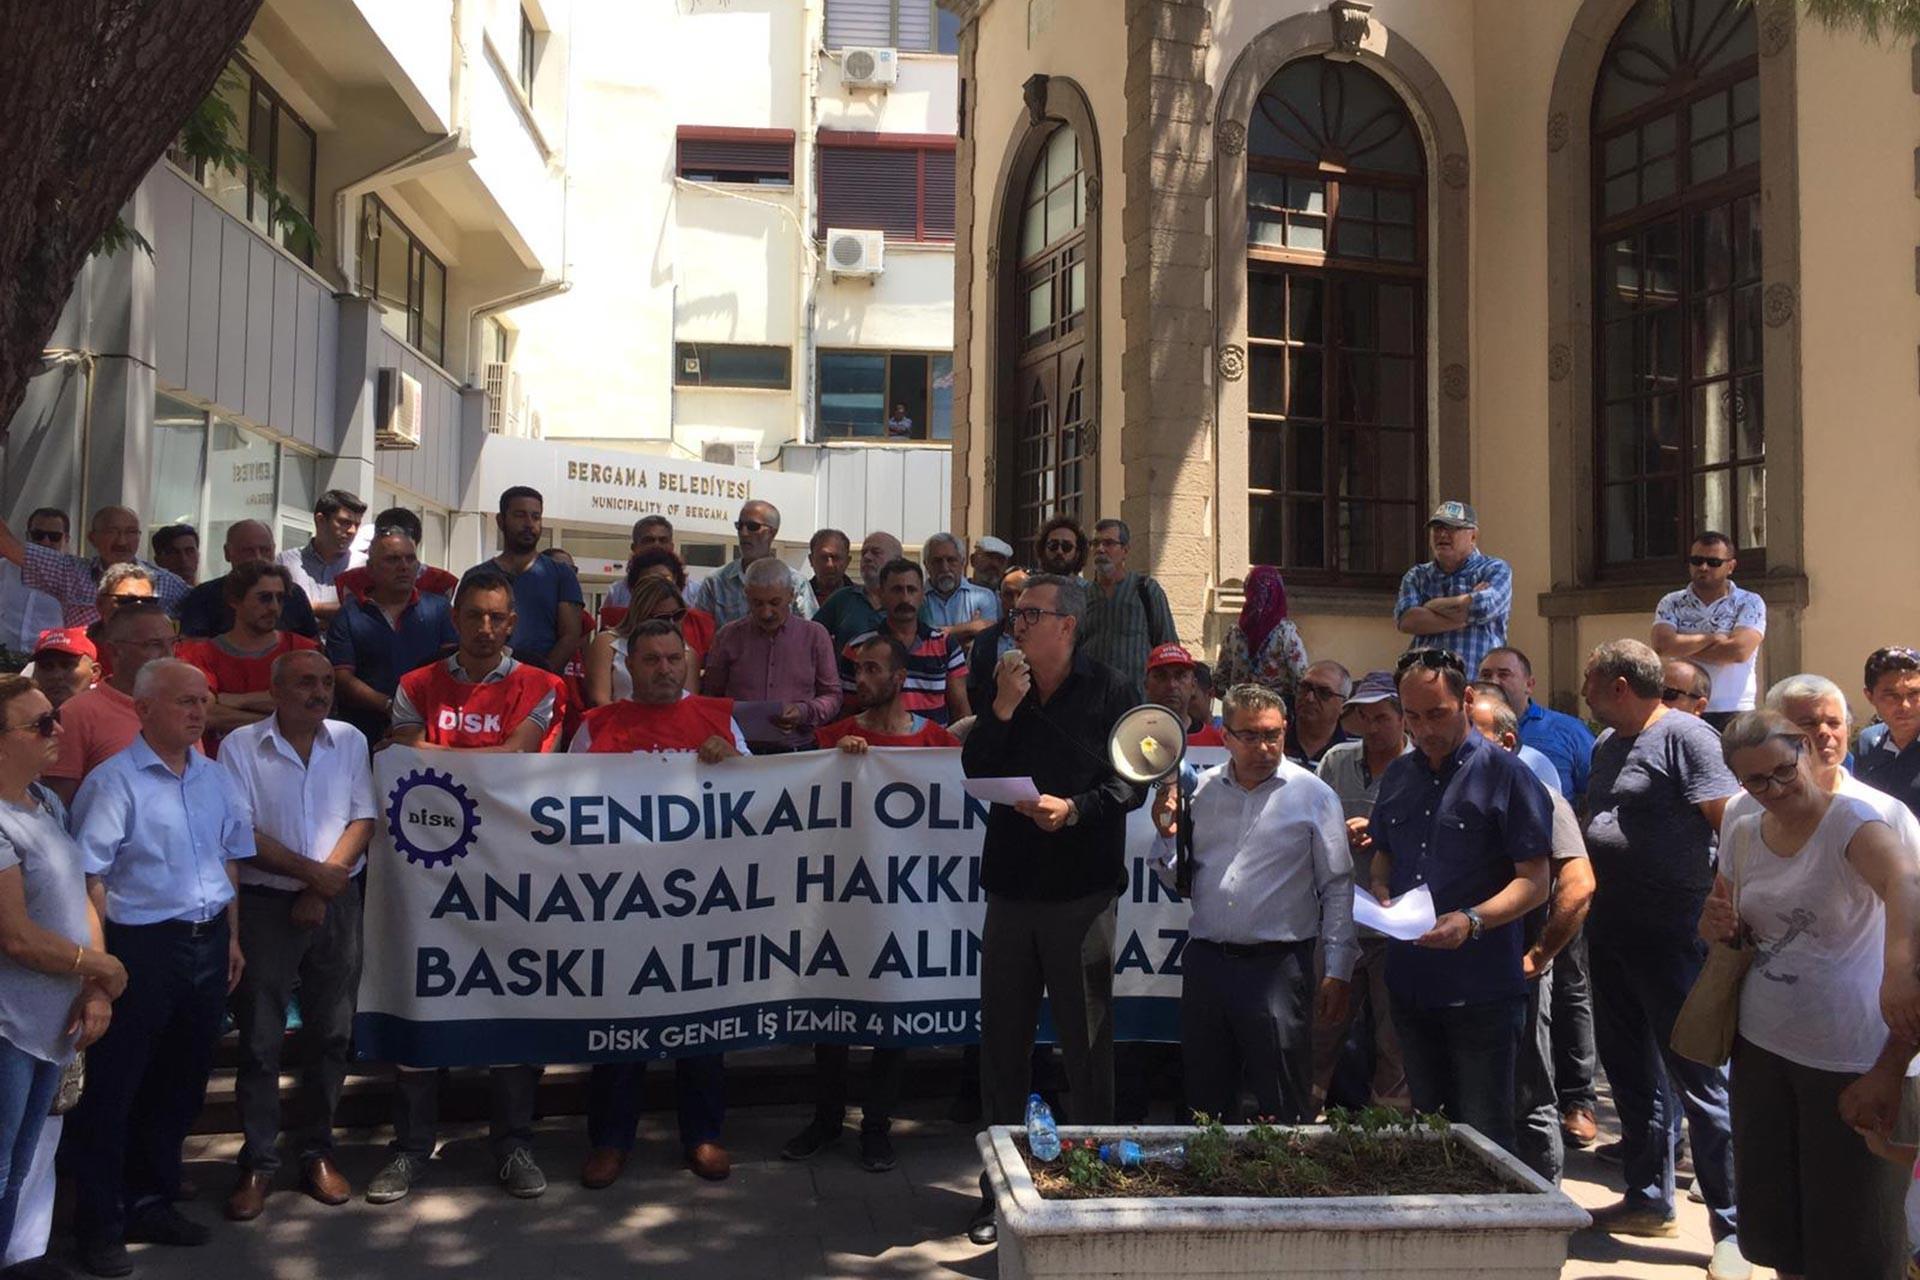 Bergama belediyesindeki işçilere 'Hizmet-İş'e üye olun' baskısı